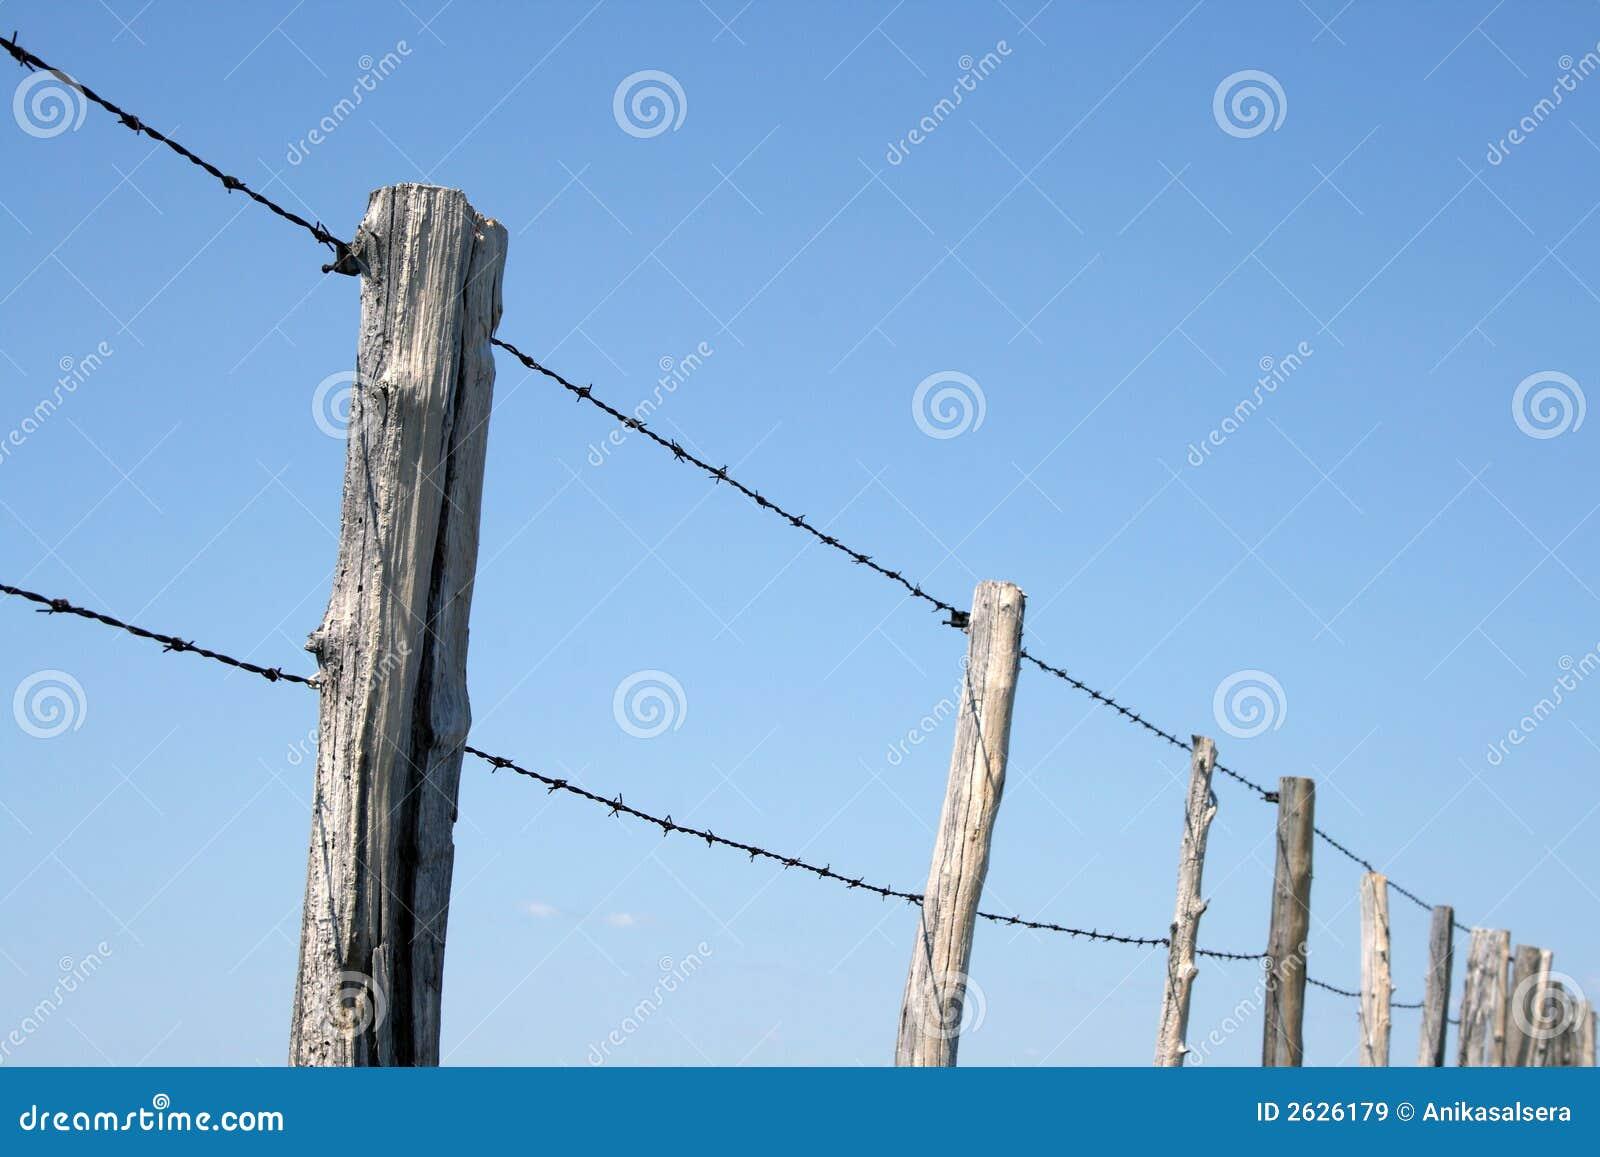 Забор с колючей проволокой своими руками